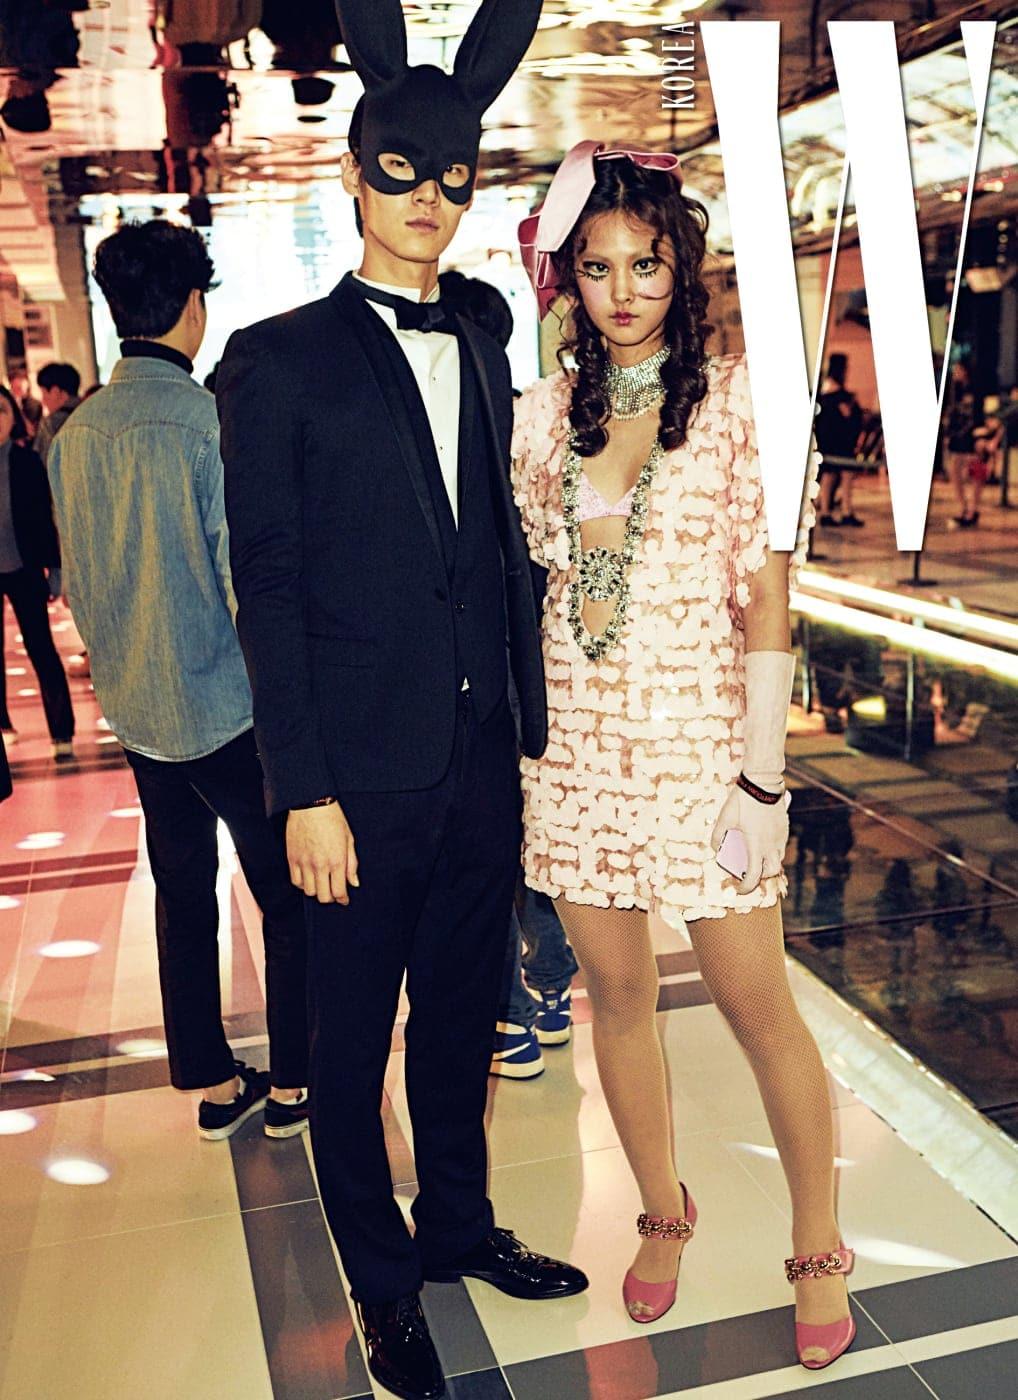 모델 앨리스가 입은 비즈 장식 드레스와 신발은 MiuMiu 제품.